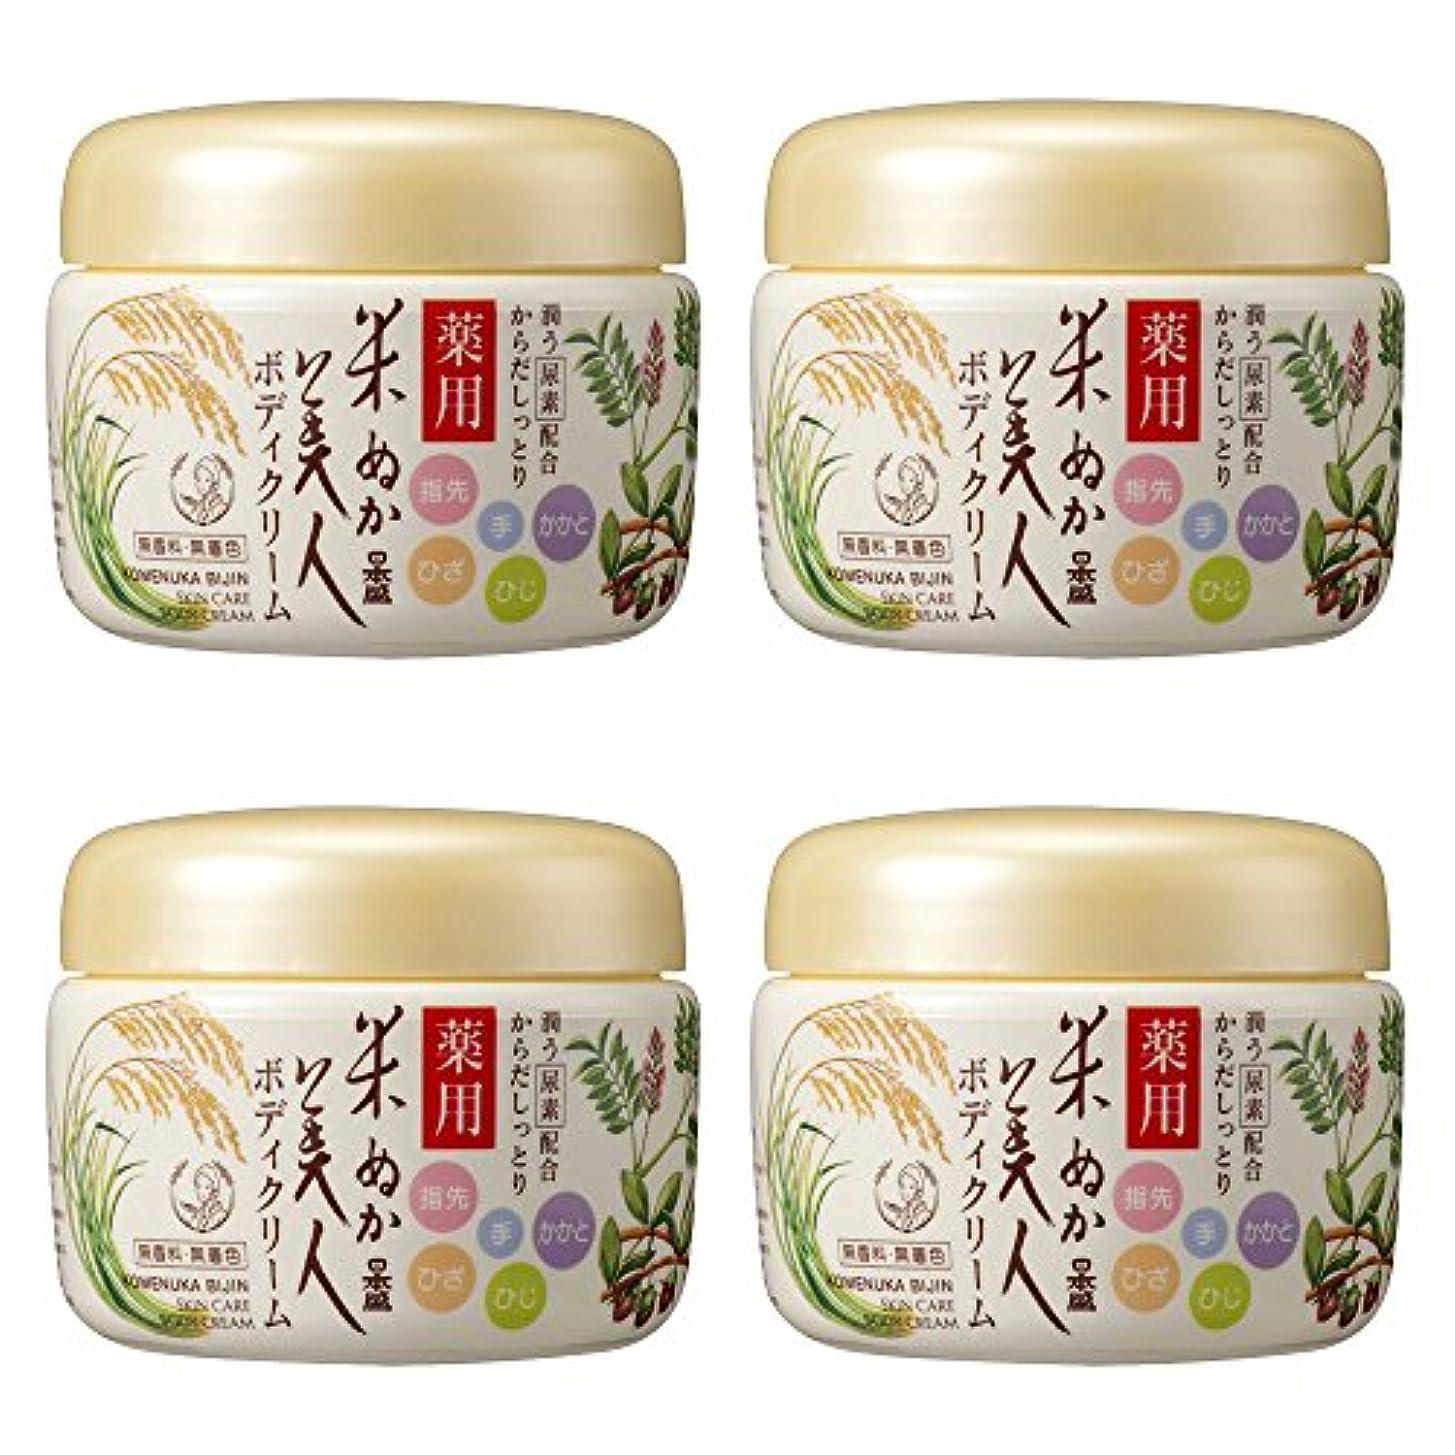 オリエンタル安全値【セット】米ぬか美人 薬用ボディクリーム 140g ×4個